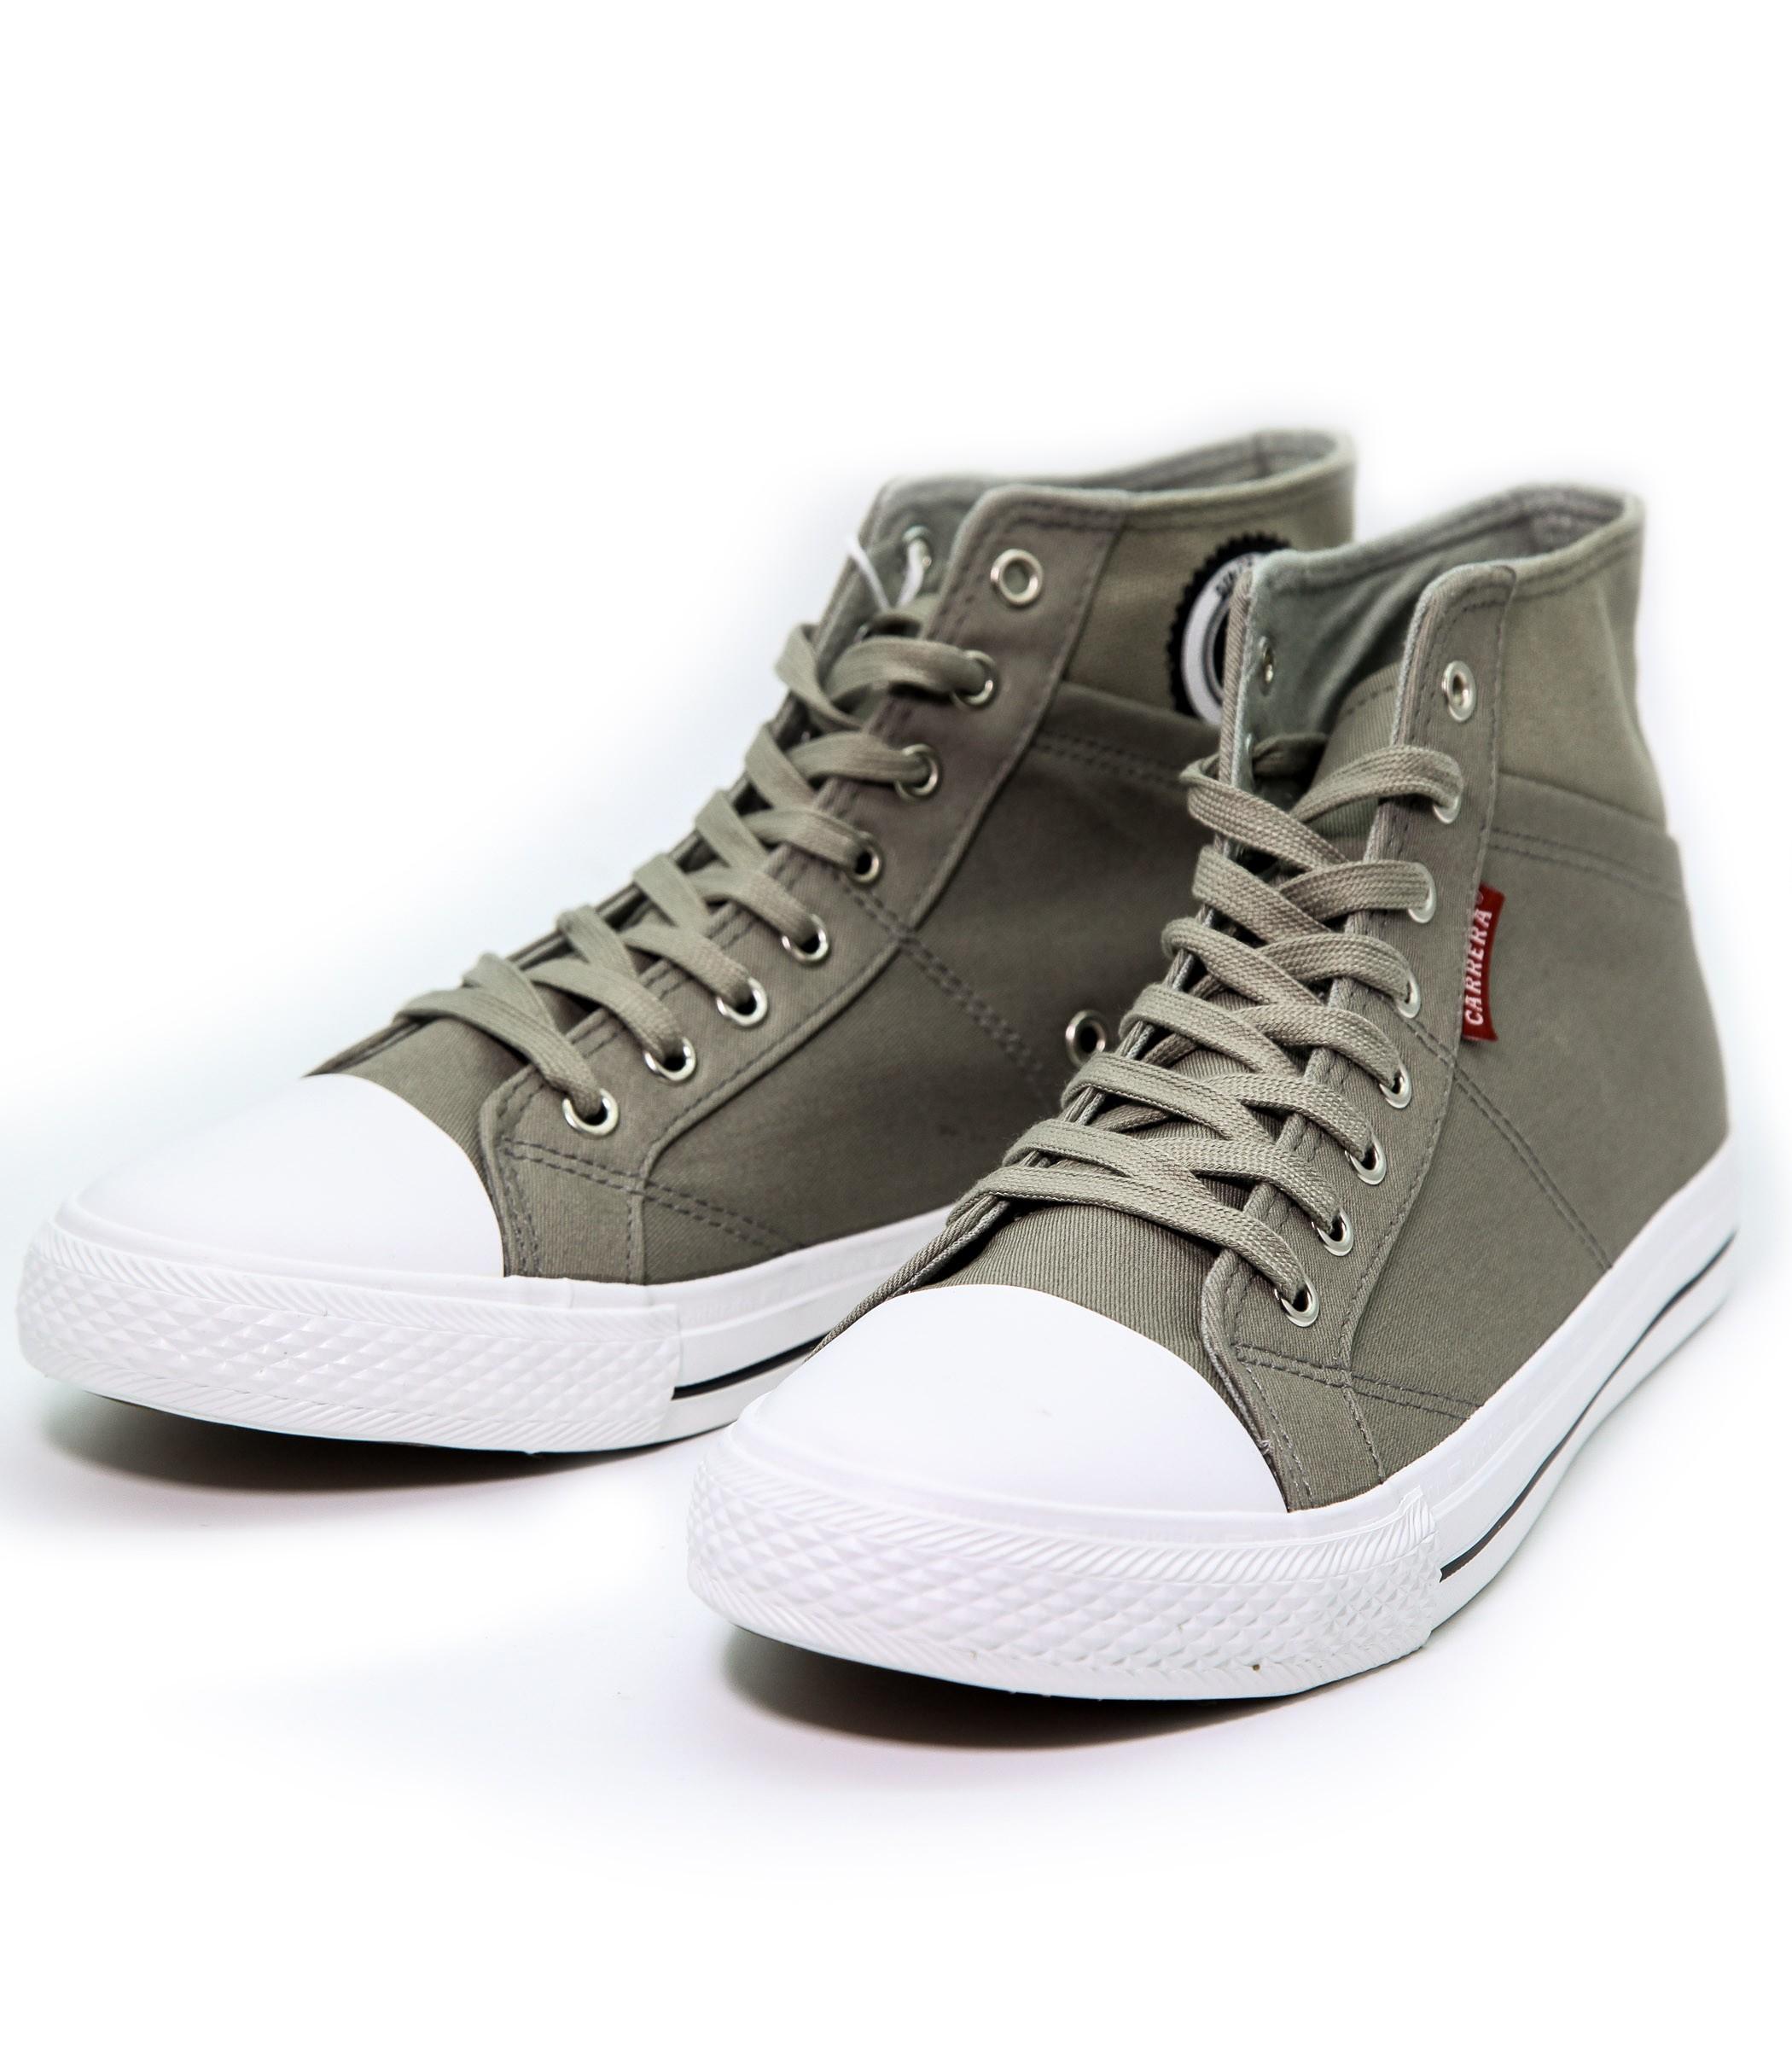 Scarpe Carrera Sneakers Tela In Da Uomo Ginnastica Grigia Alte TqT5r